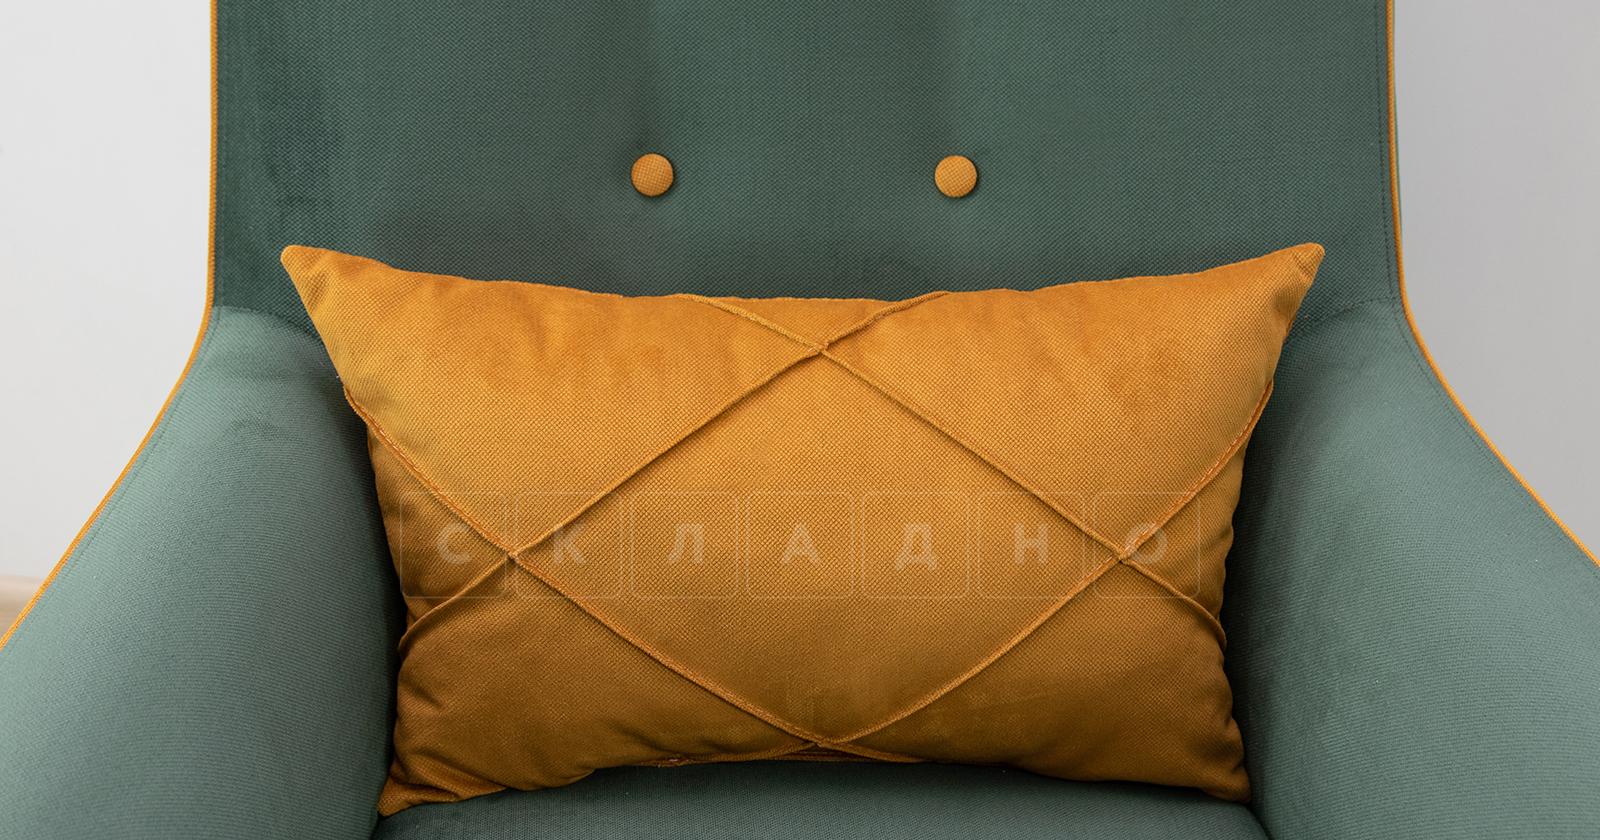 Кресло для отдыха Флэтфорд нефритовый зеленый фото 9 | интернет-магазин Складно